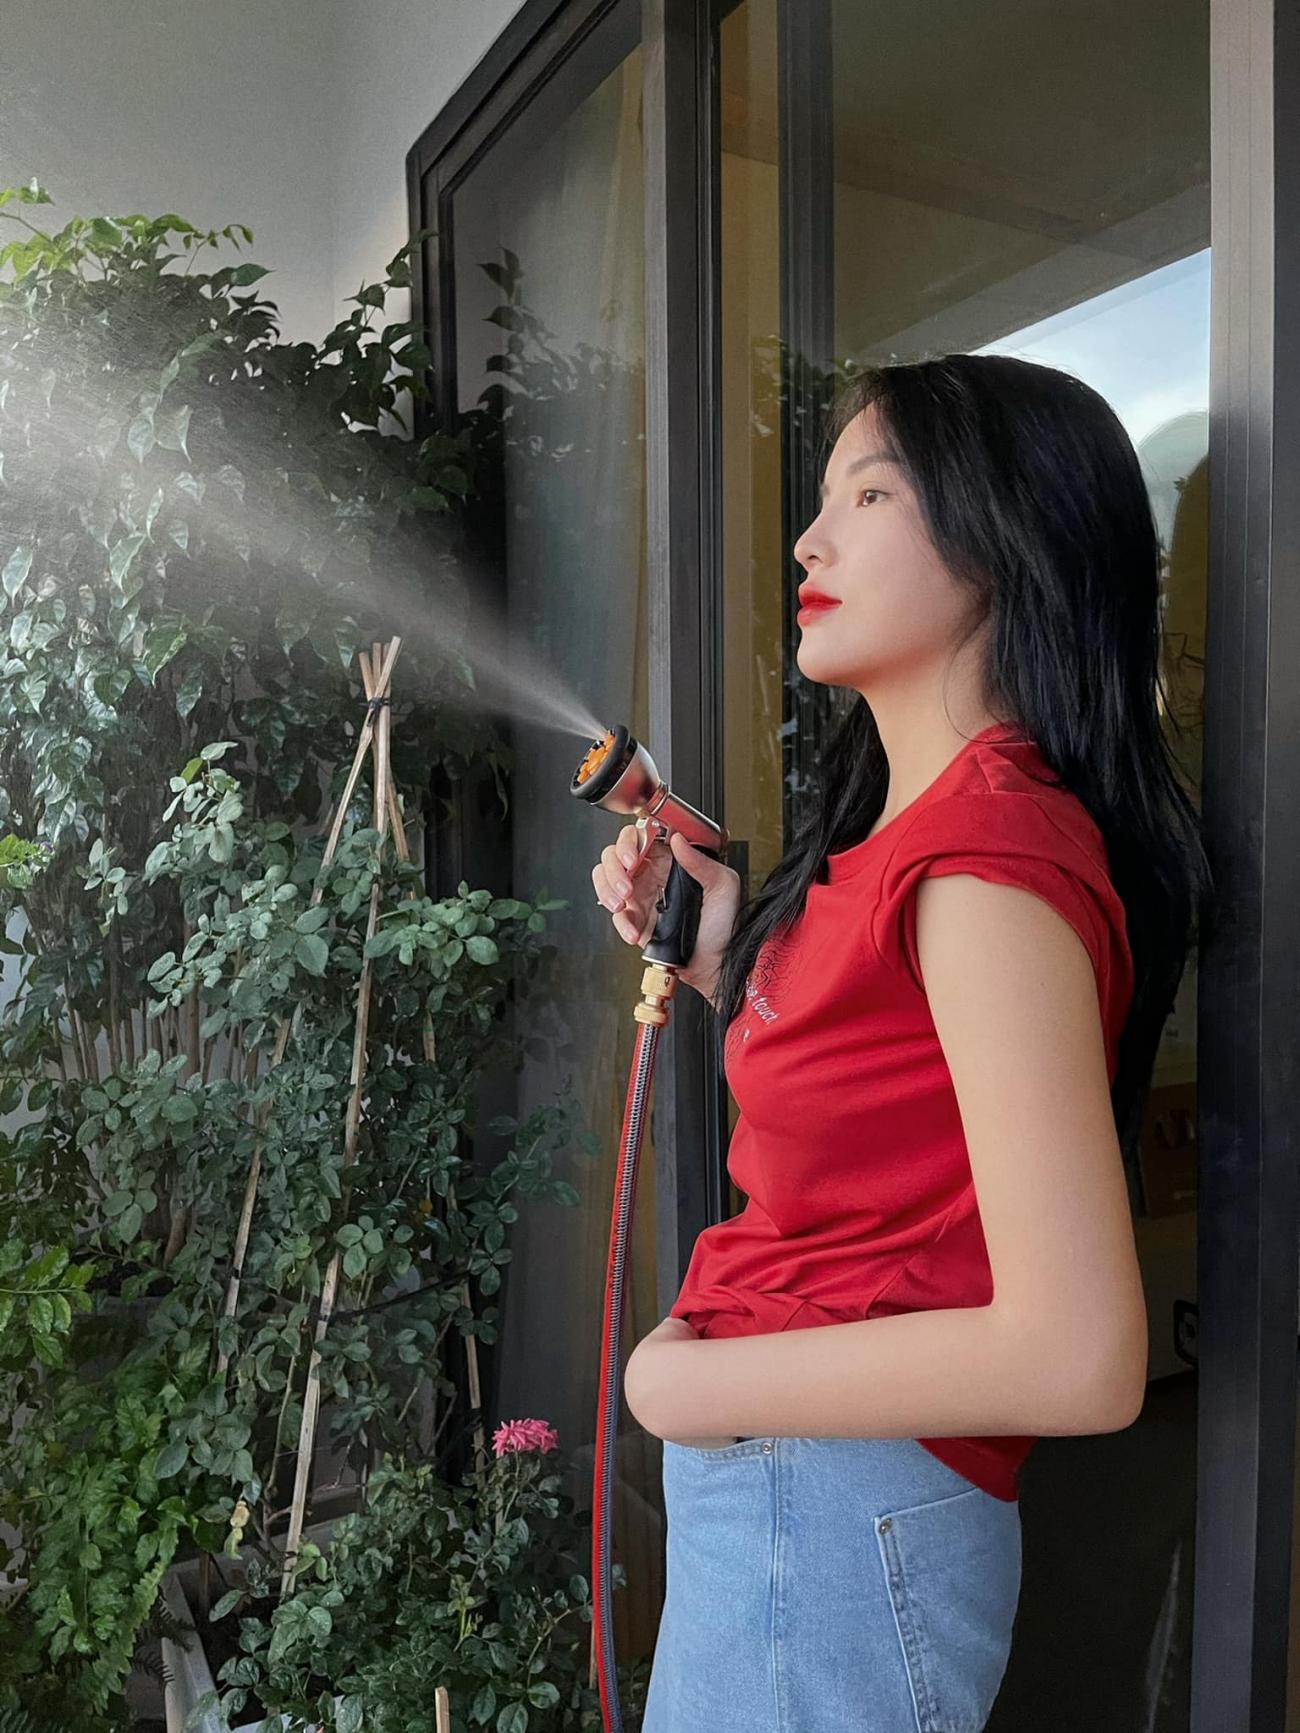 Hoa hậu Kỳ Duyên làm 'nông dân' trong căn hộ cao cấp